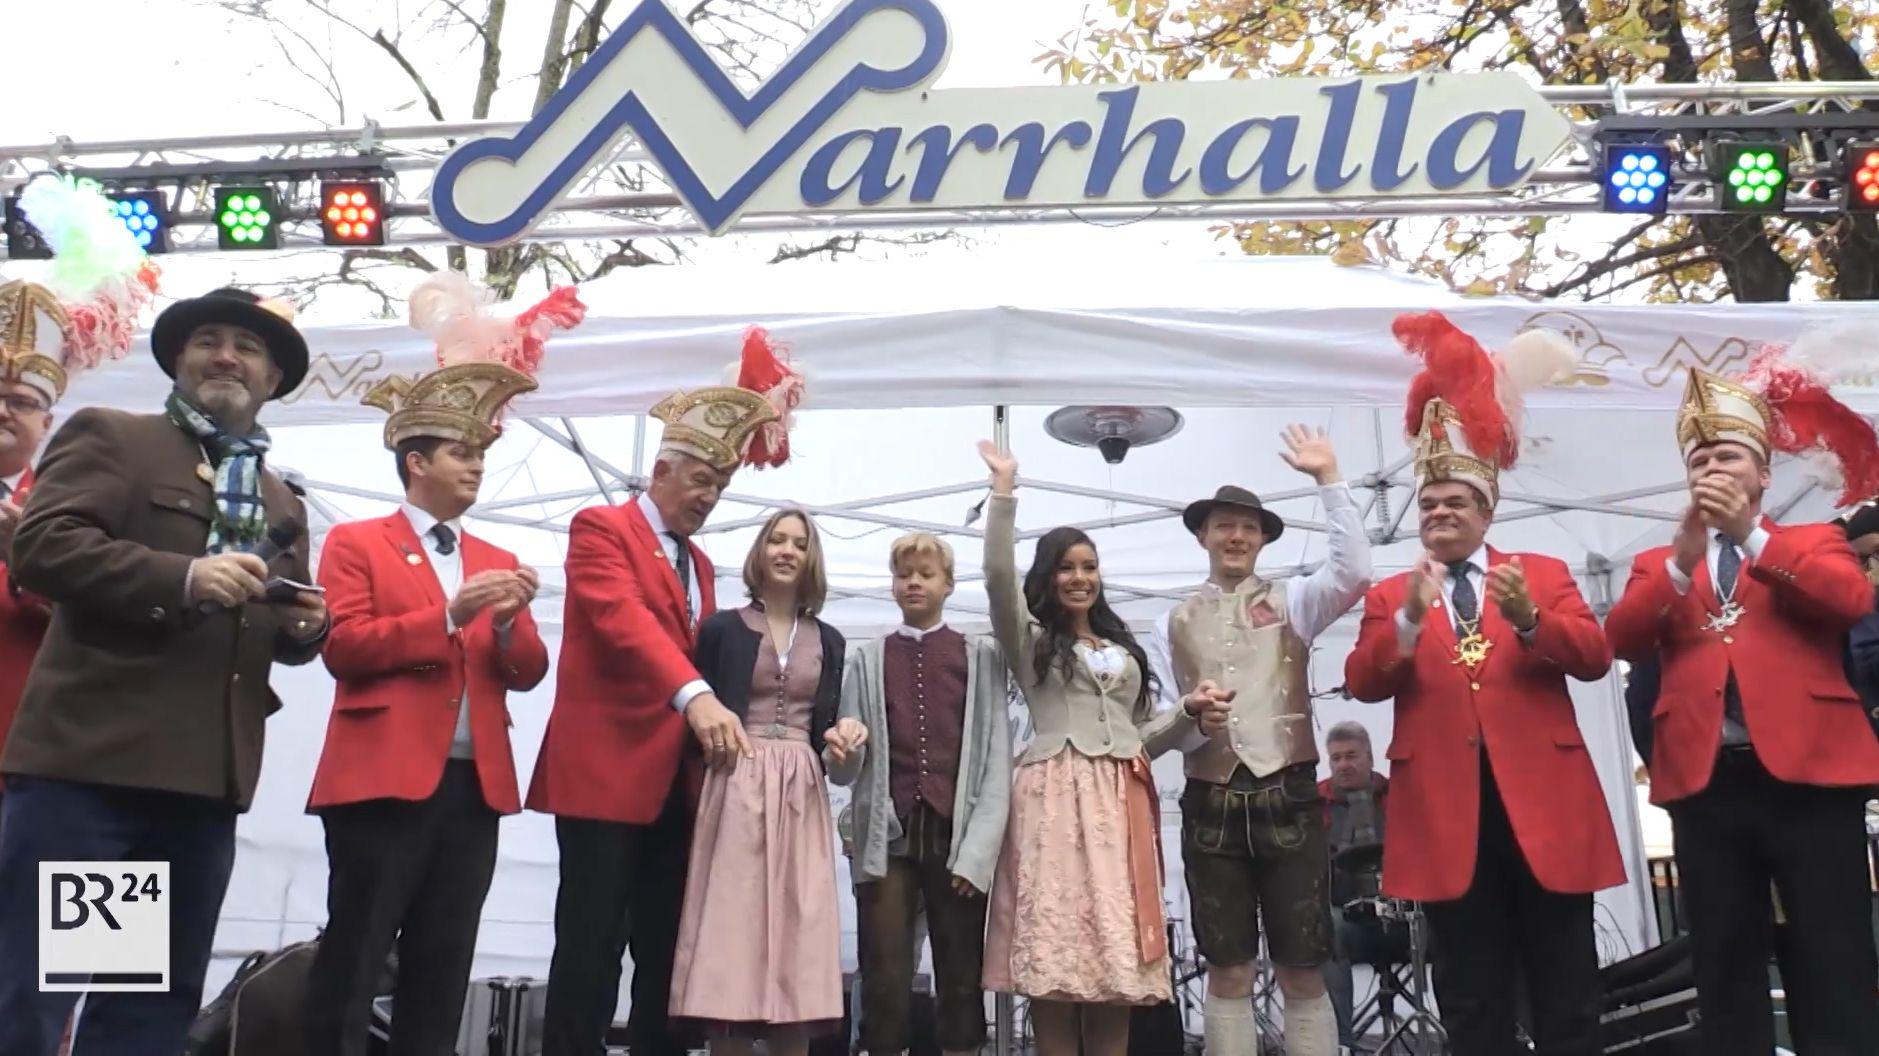 Narrhalla-Prinzenpaar vorgestellt: Moritz II. und Désireé I.